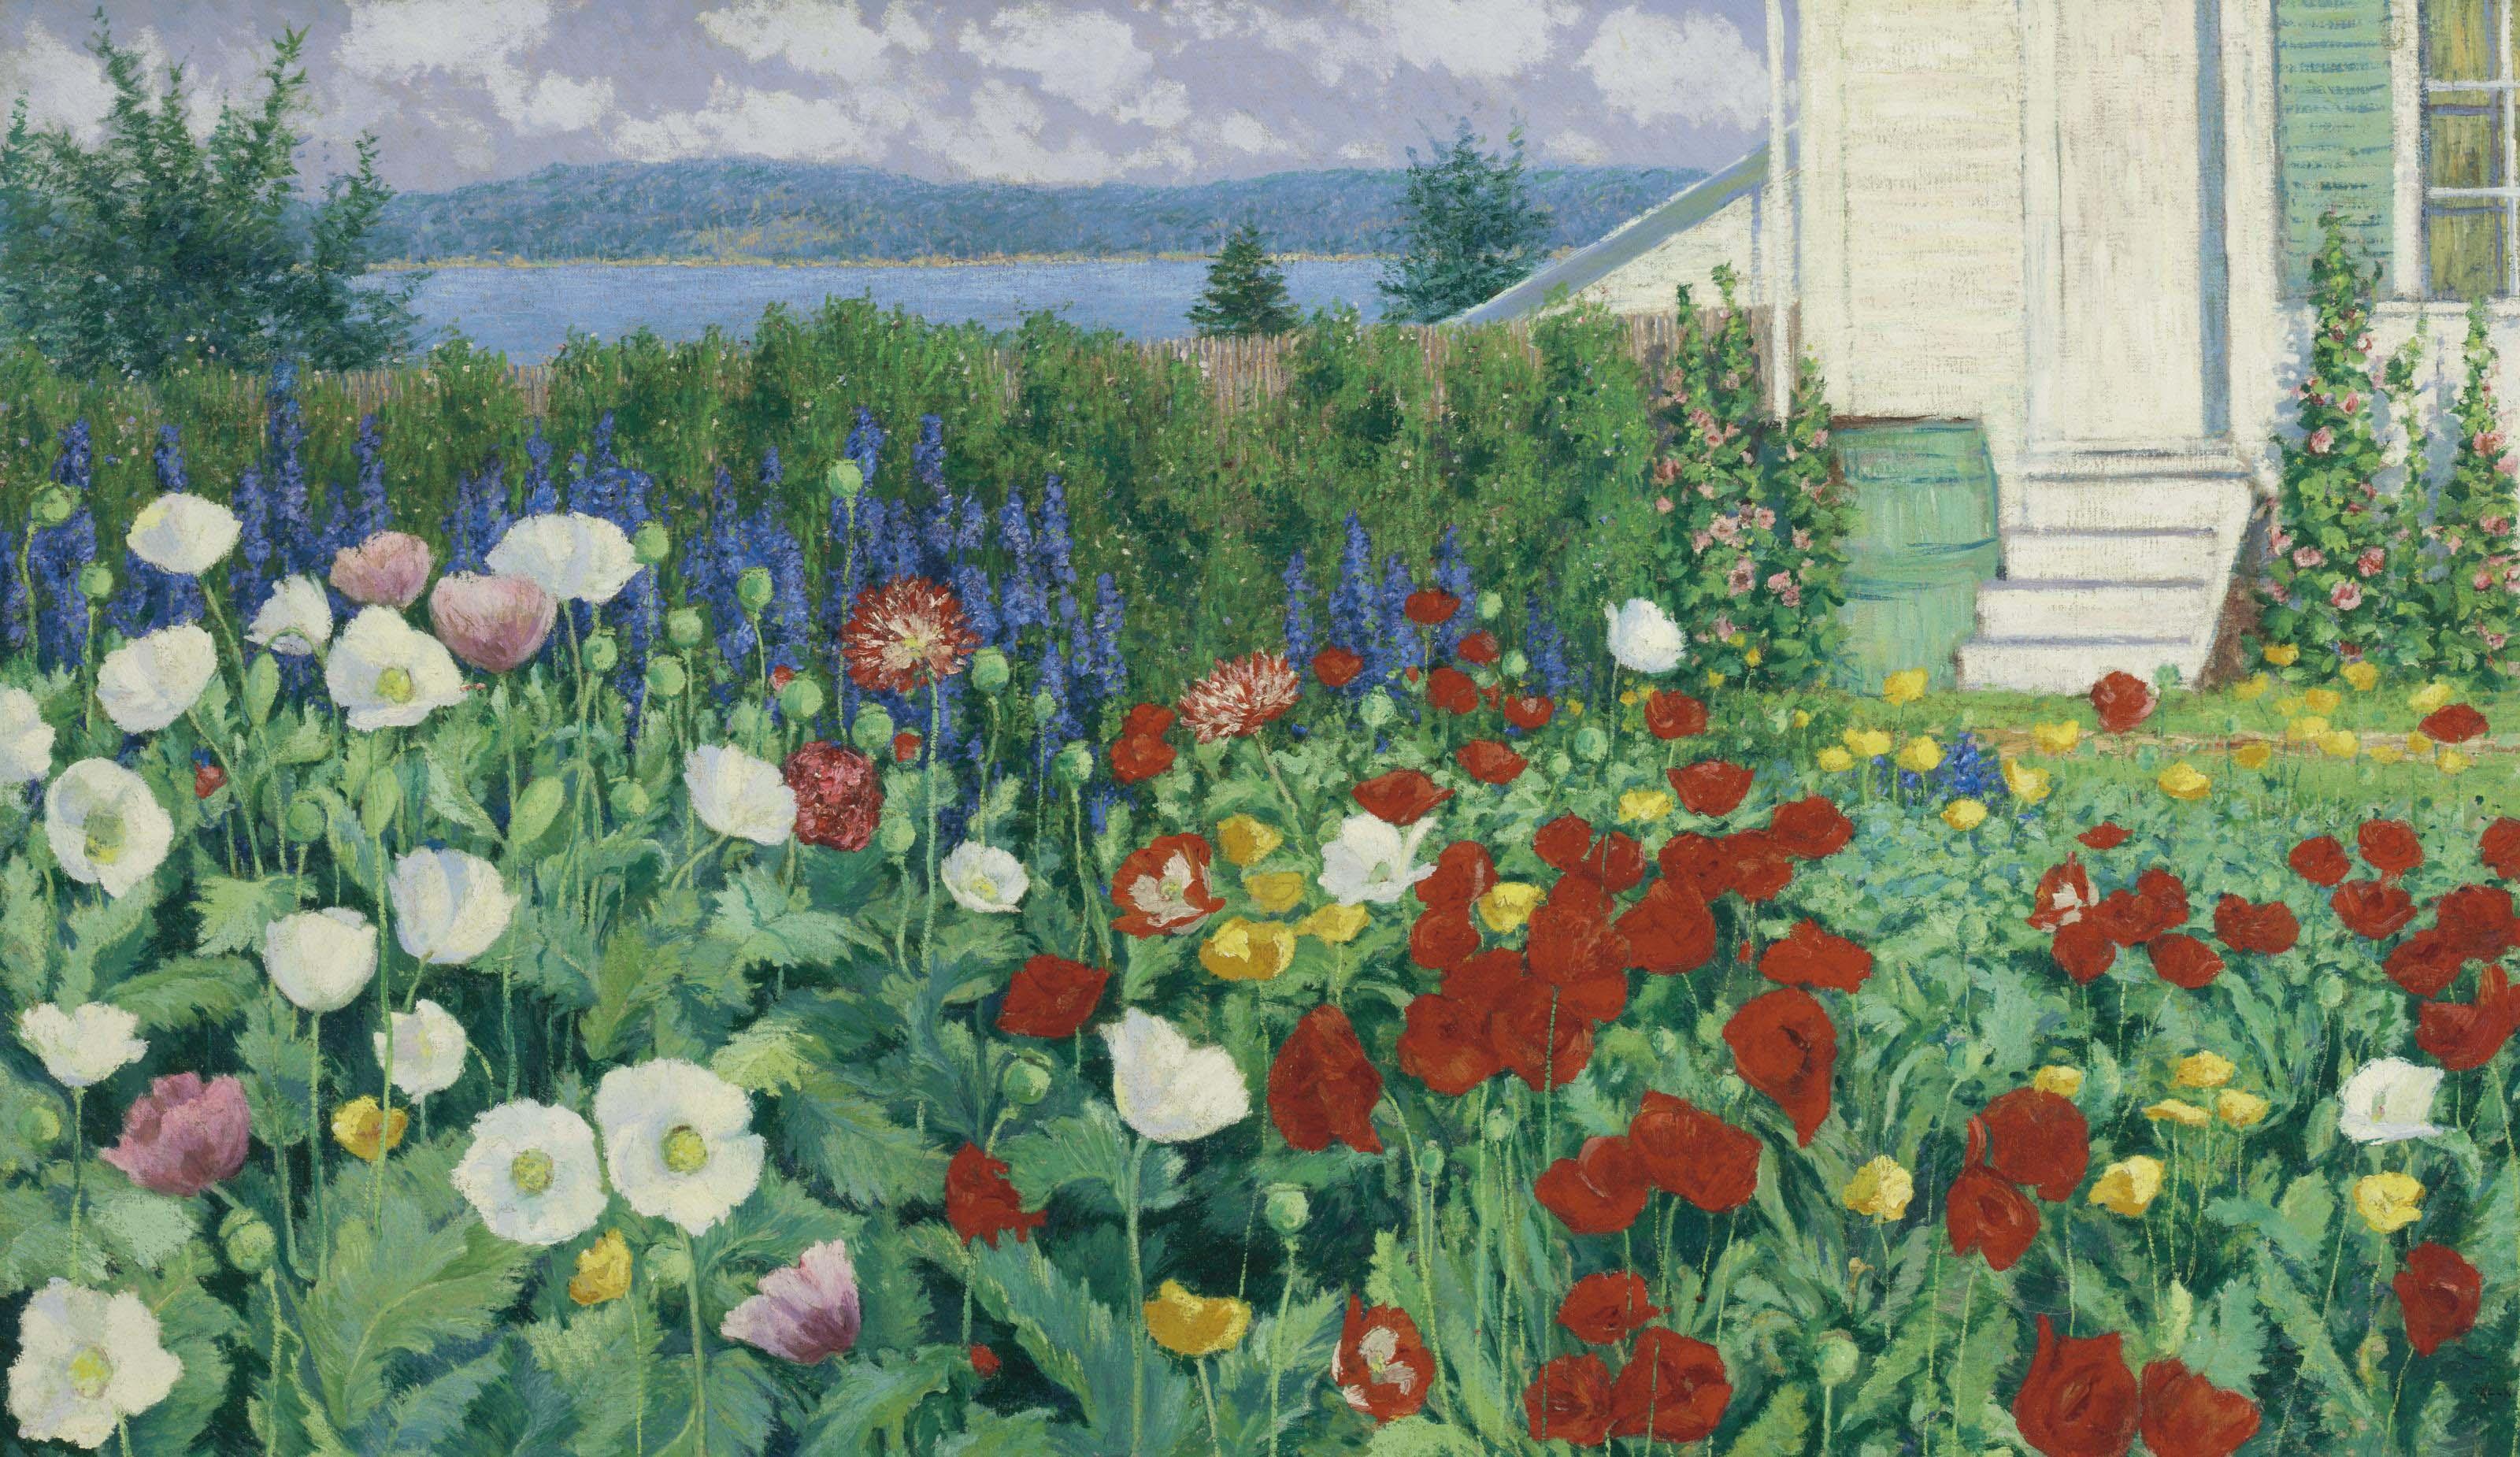 Garden, Ironbound Island, Maine